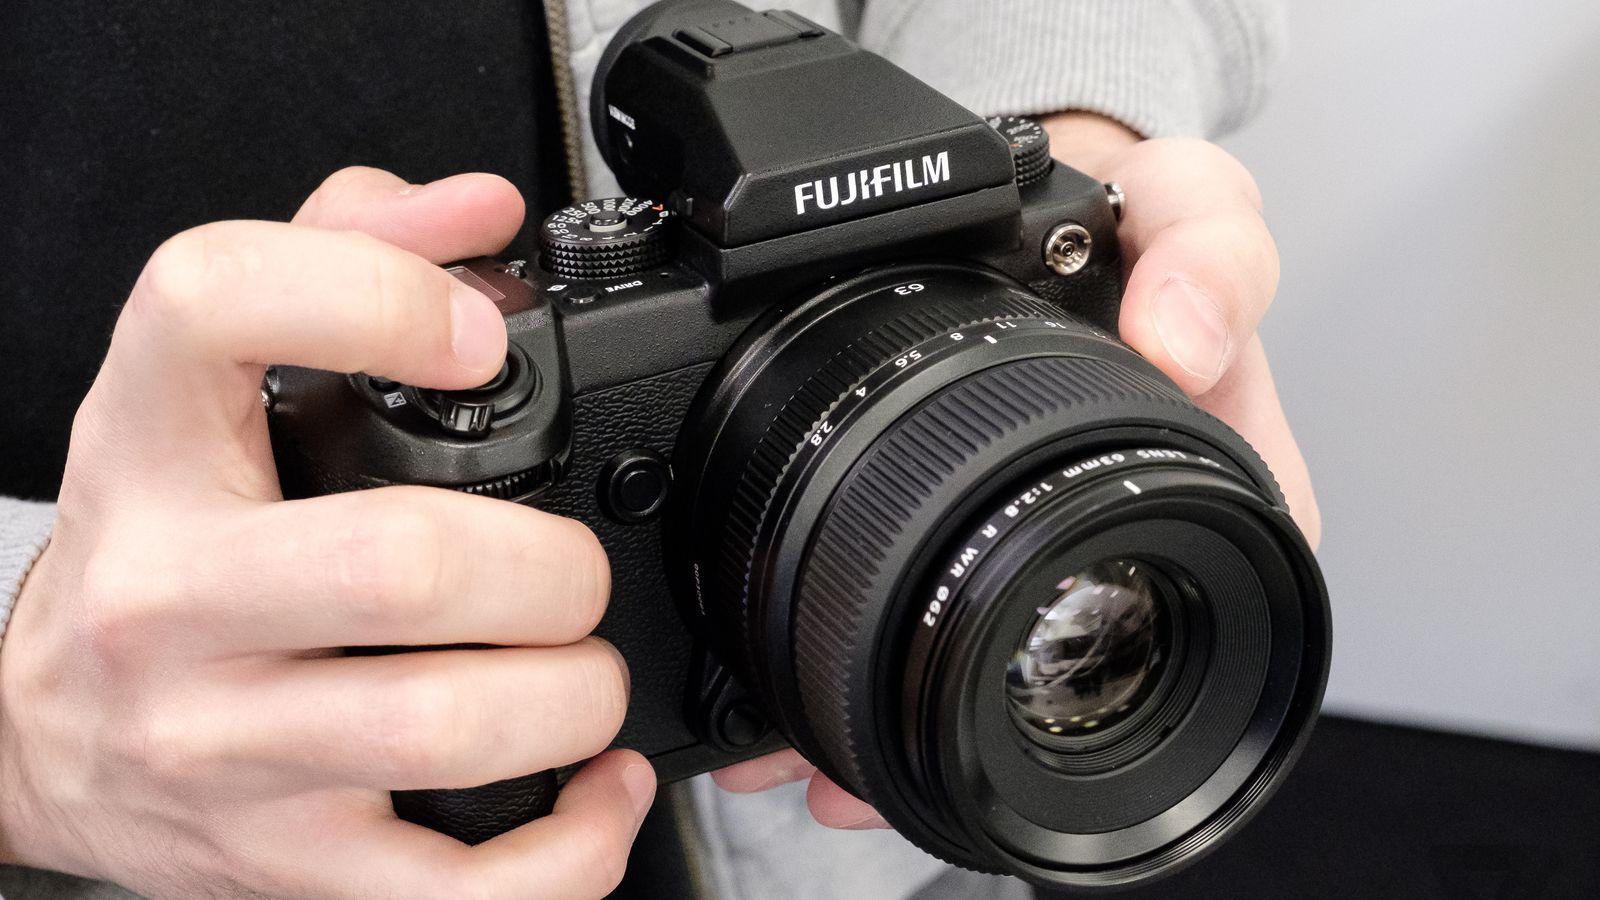 Fujifilm s first medium format mirrorless camera arrives for Web tv camera